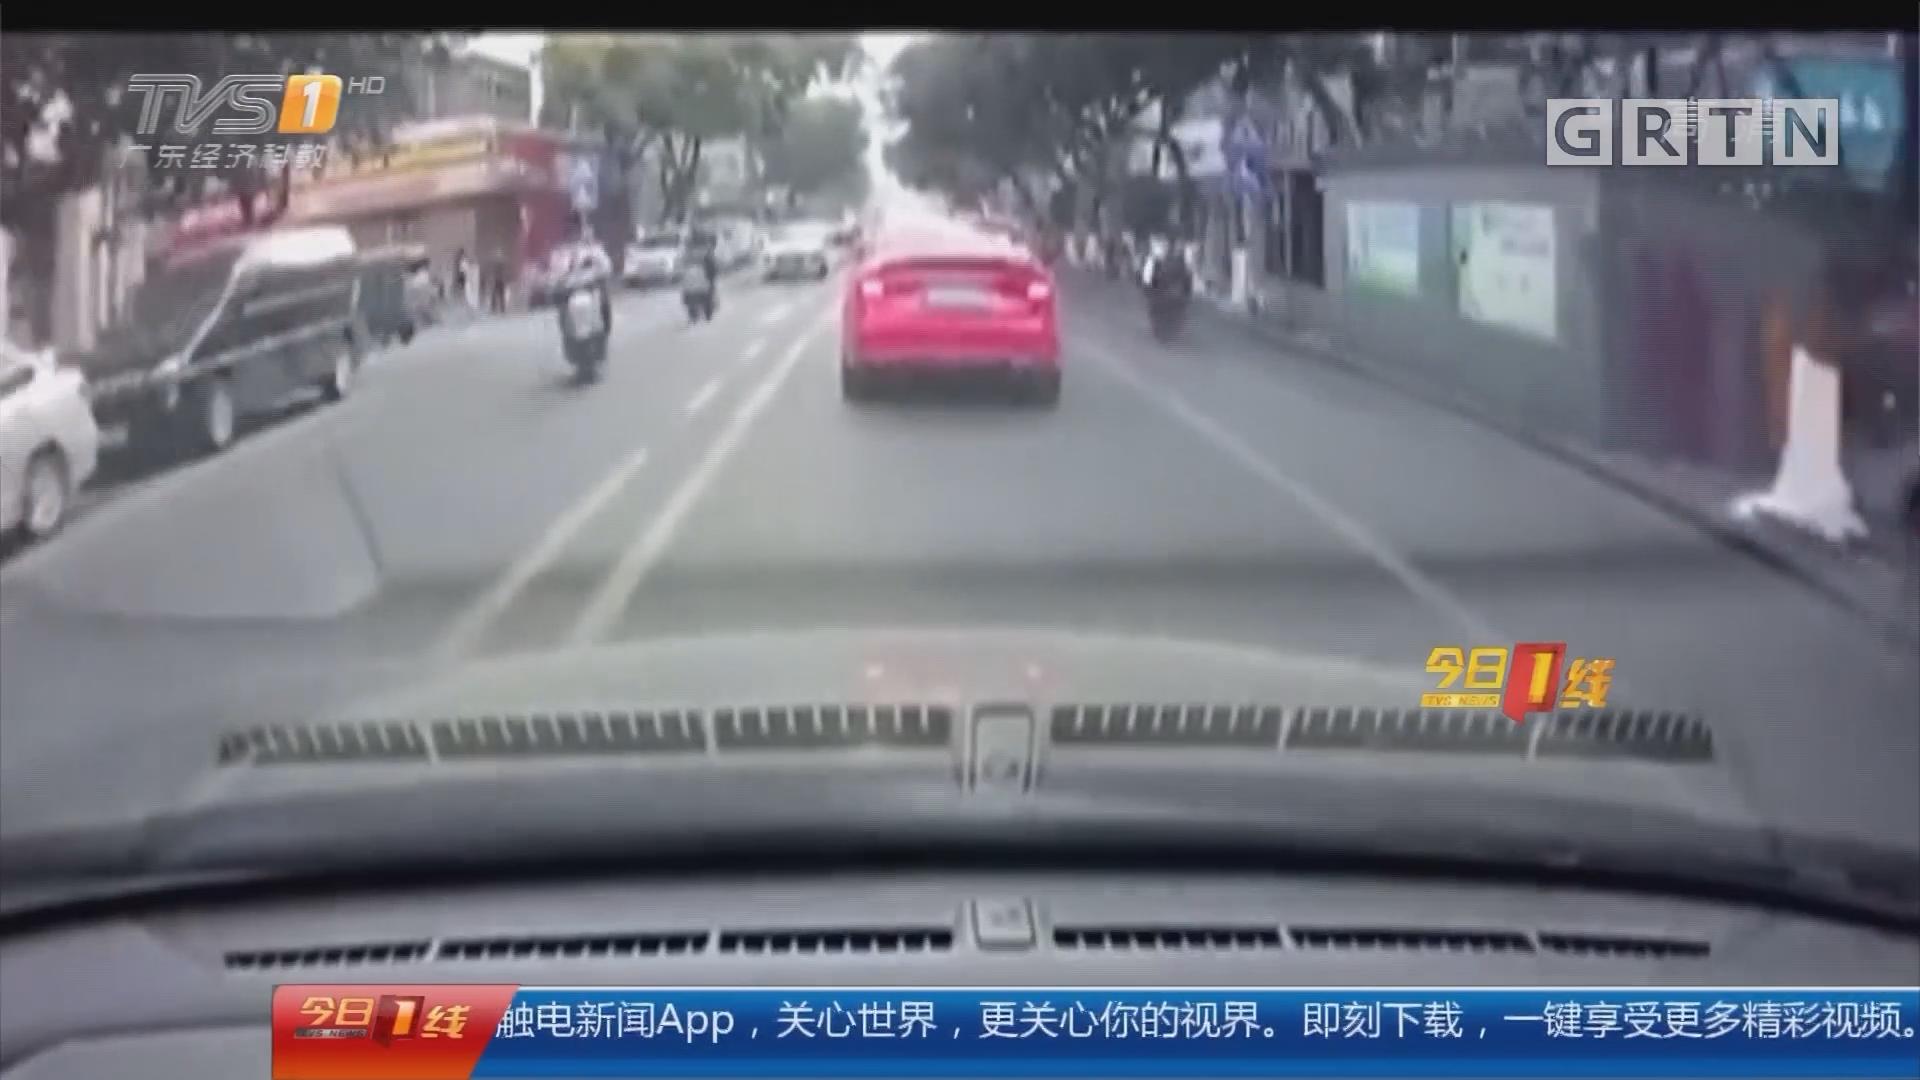 佛山顺德:街头飙车 还发视频网上炫耀